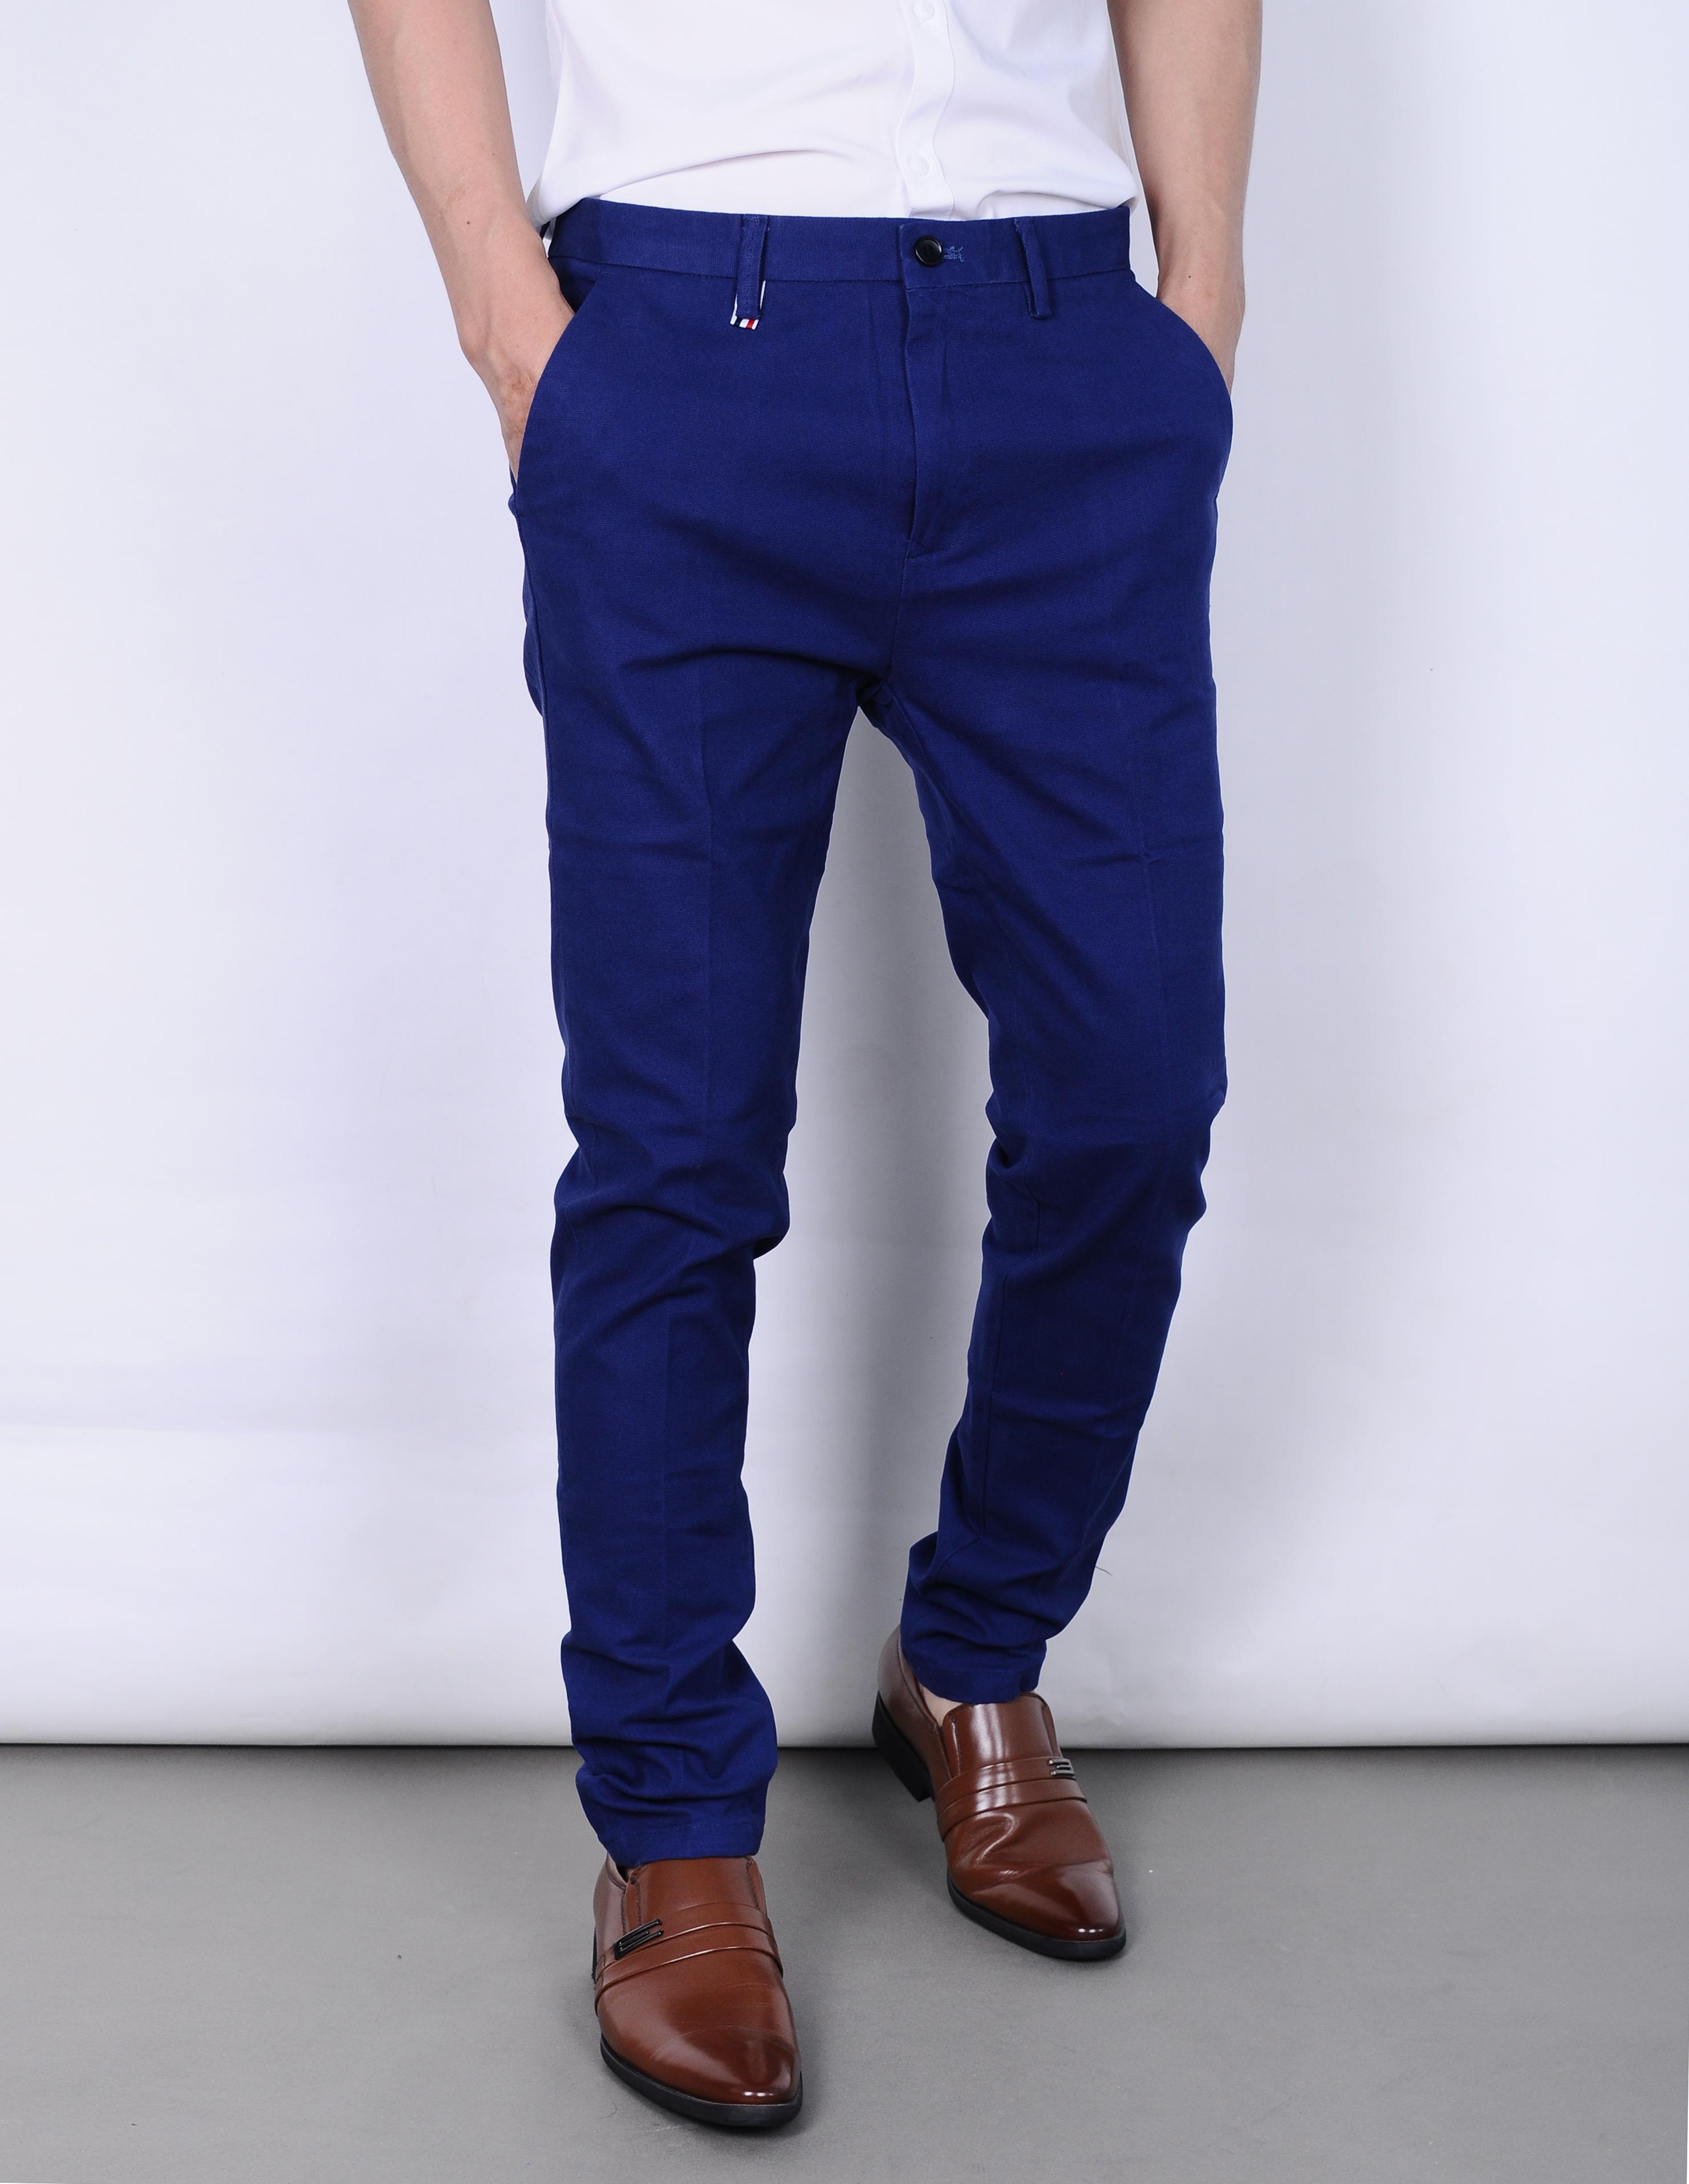 Những mẫu quần kaki nam đẹp nhất hiện nay tại 4men